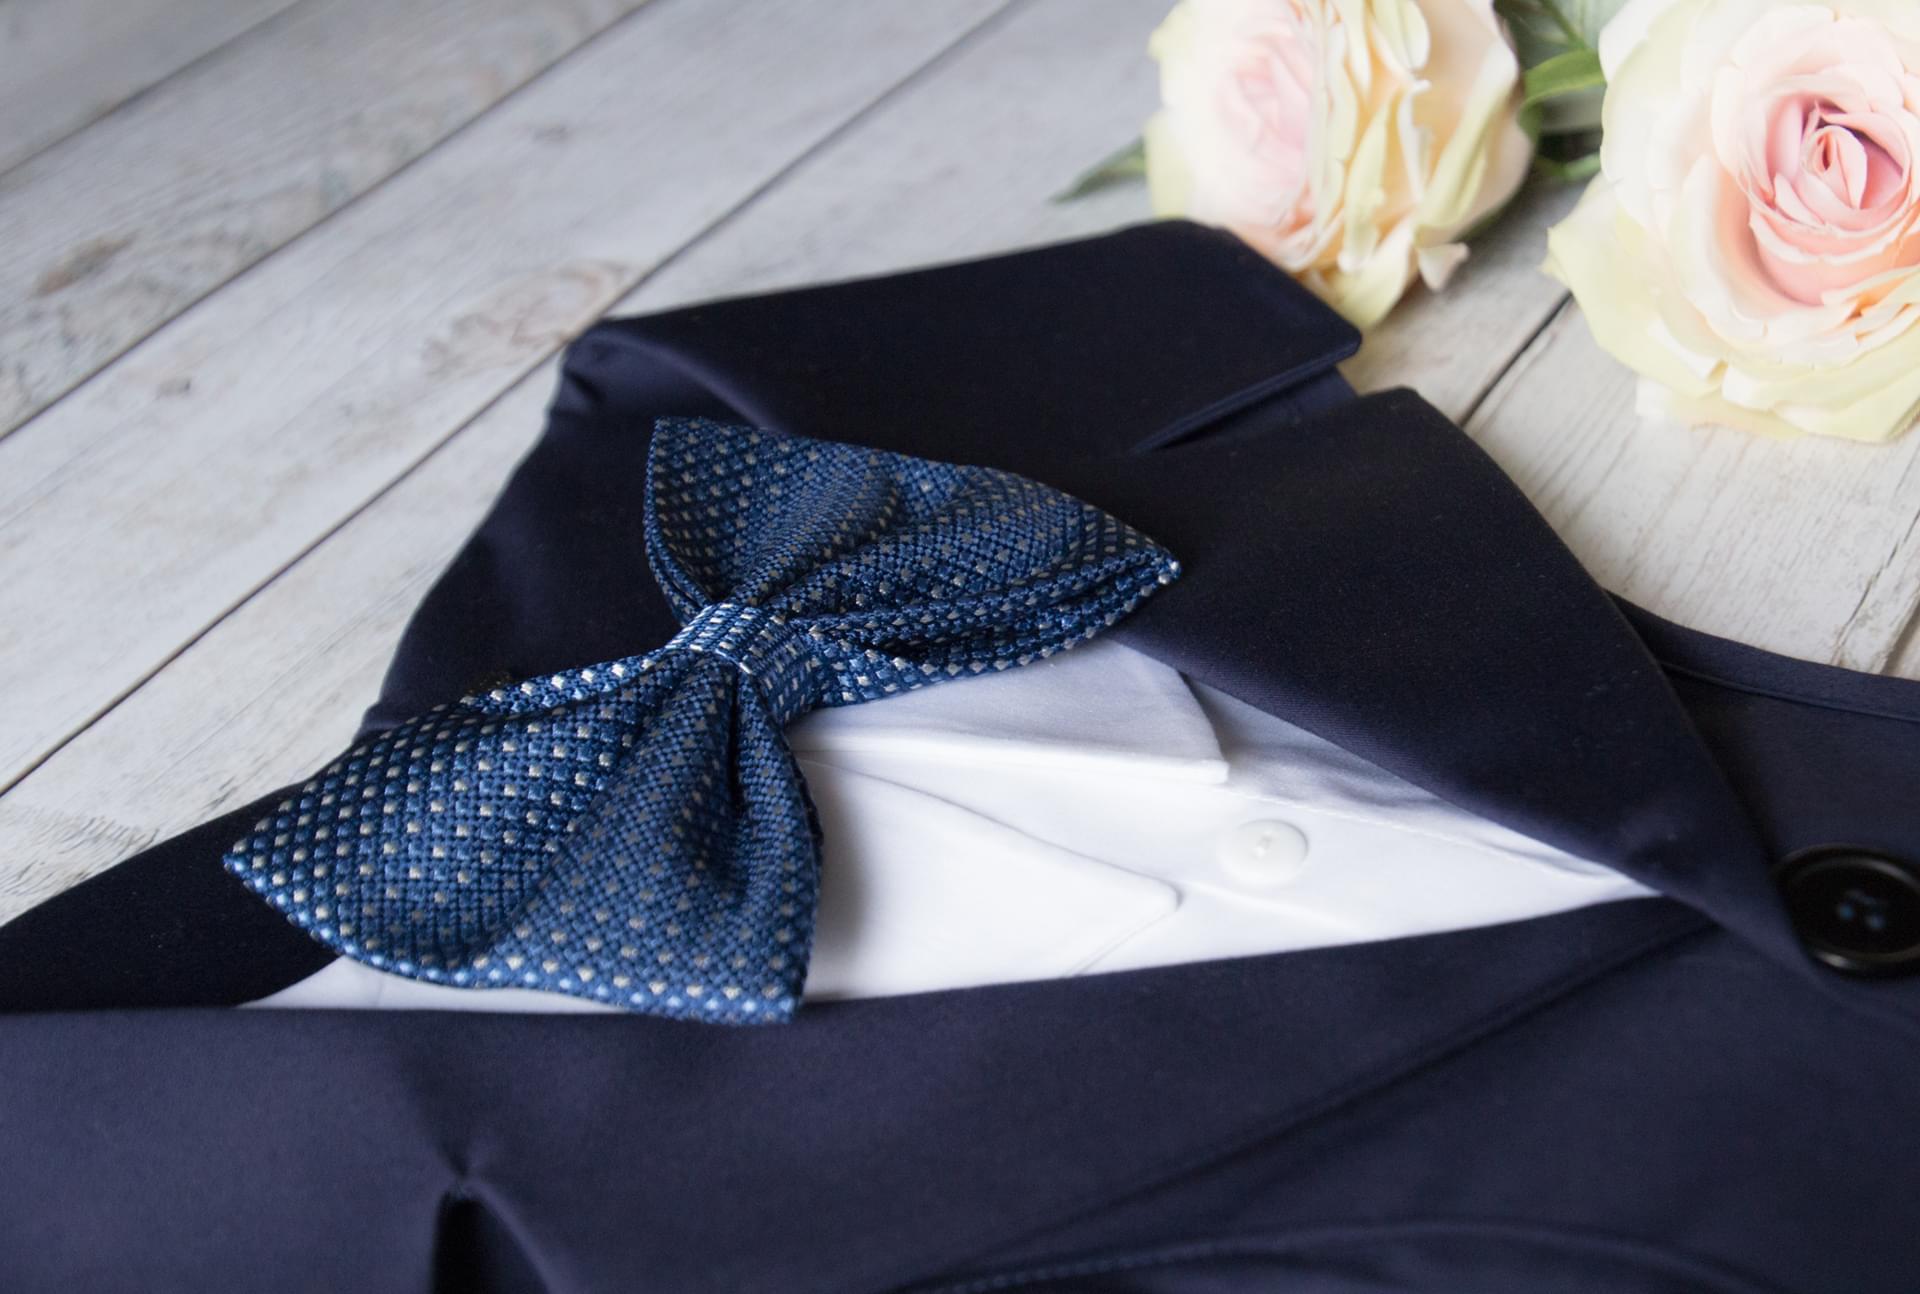 Cuscino Portafedi Bianco E Blu.Pettorine E Collari Personalizzate Per Cani Da Matrimonio